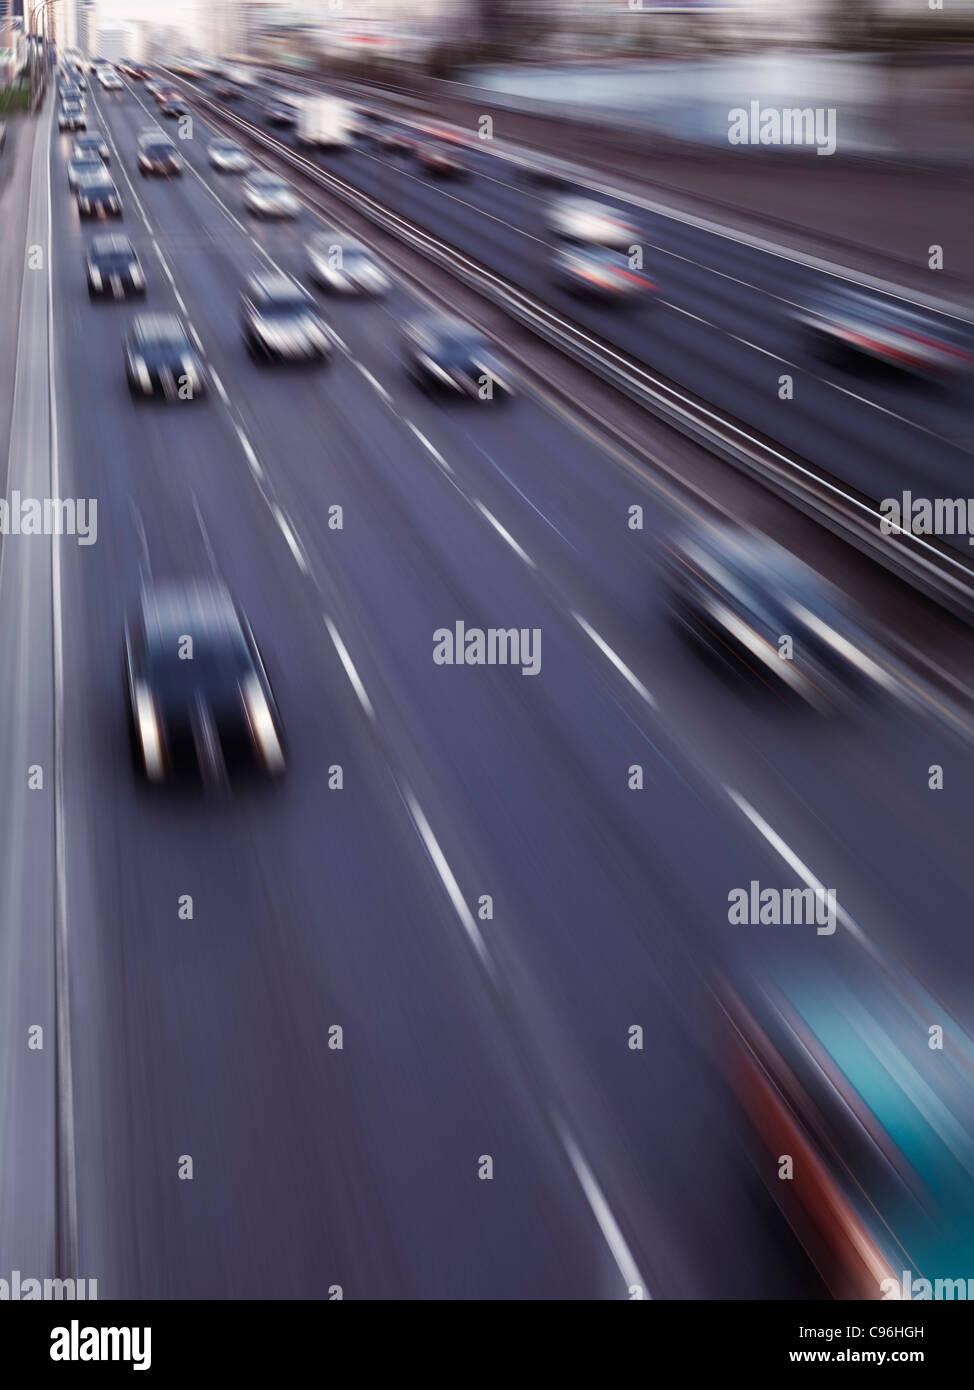 Dynamische Foto von Autobahn-Verkehr in Bewegung. Toronto Gardiner Expressway. Ontario, Kanada. Stockbild